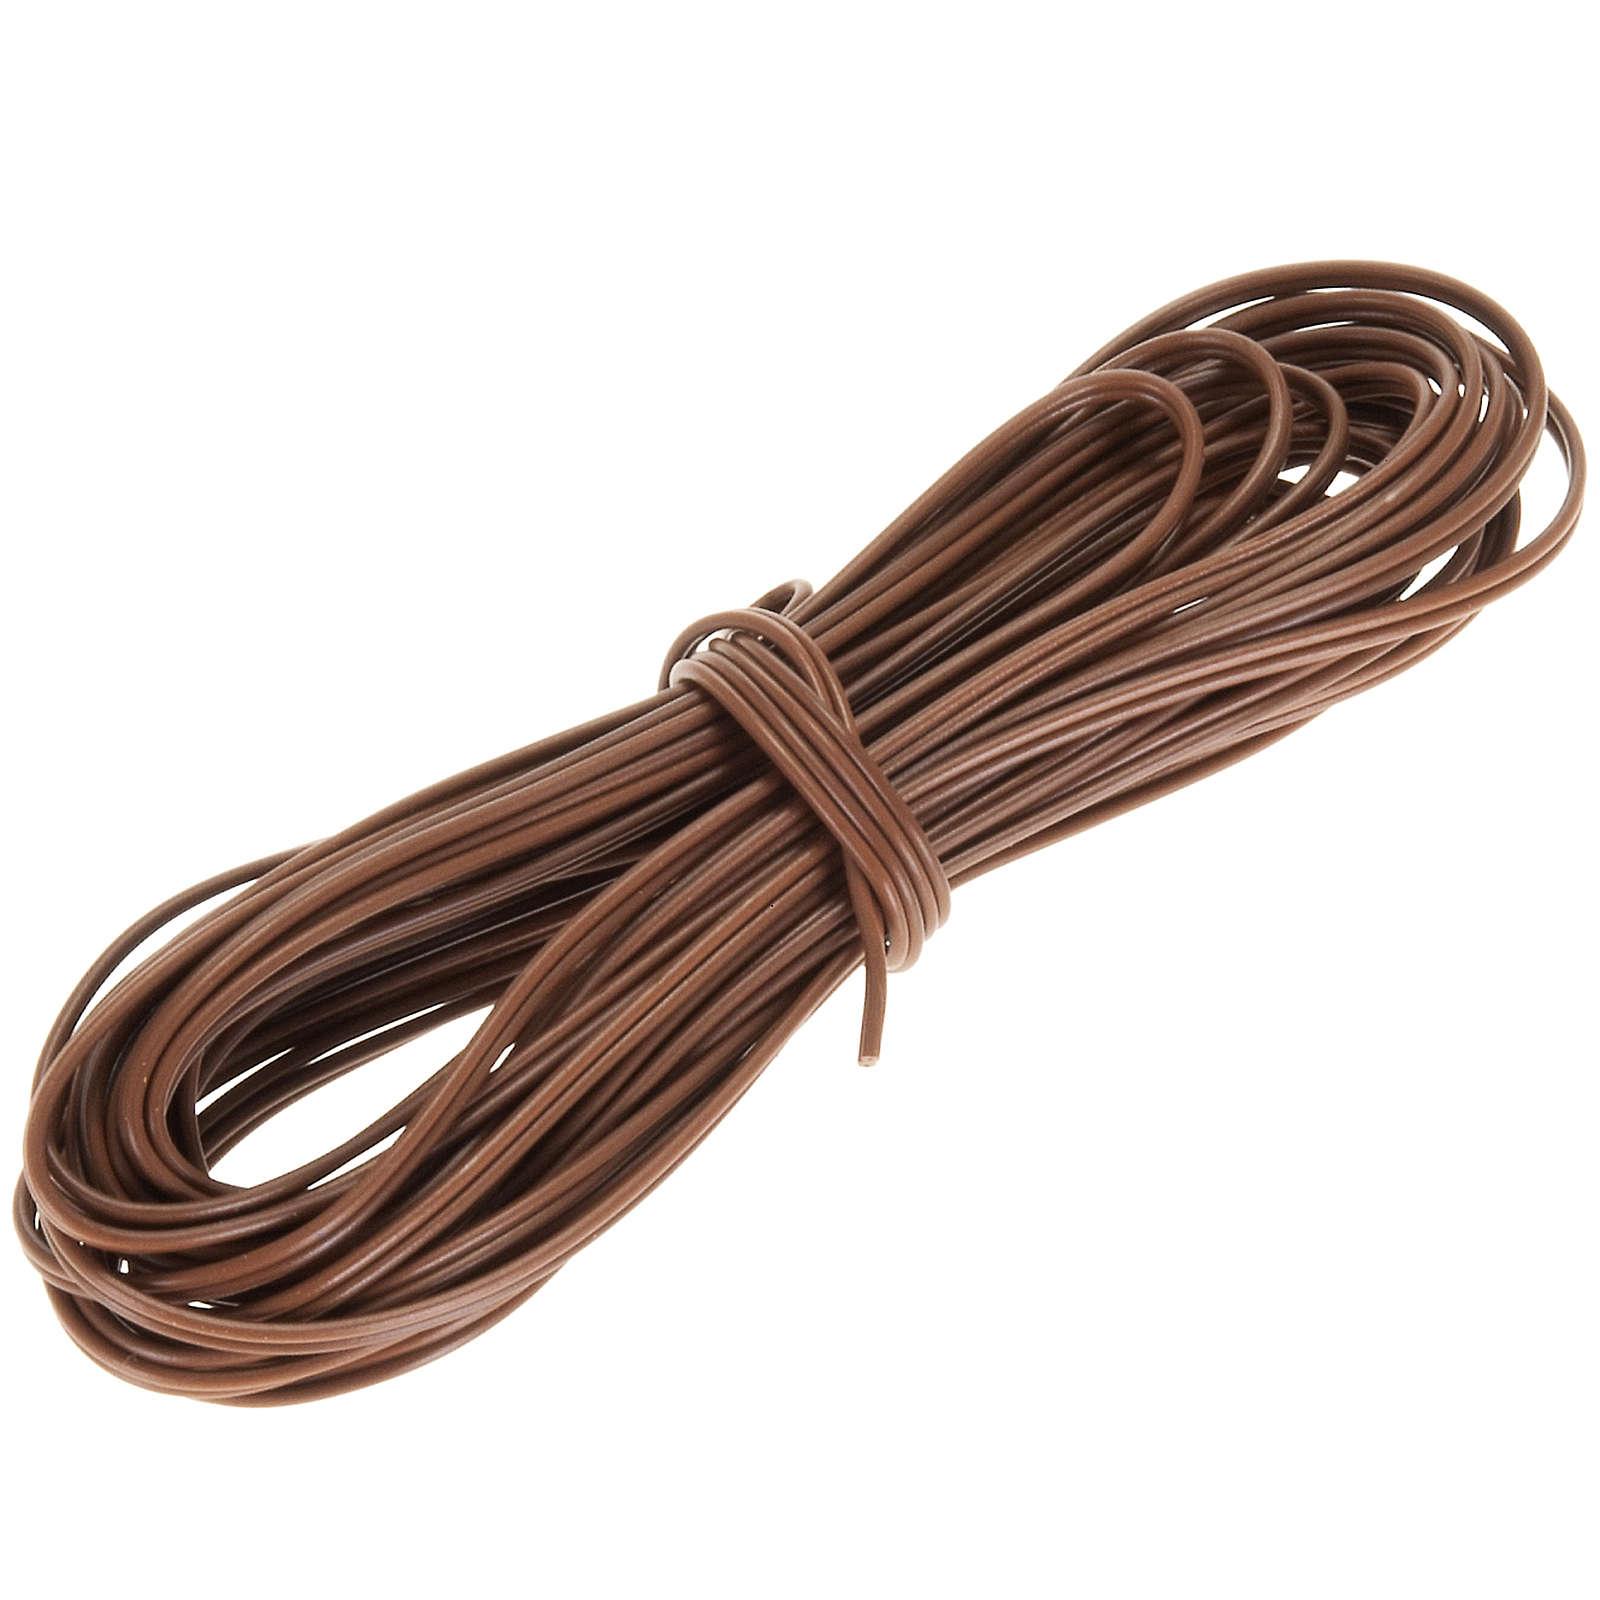 Fil électrique marron 5 mt 4